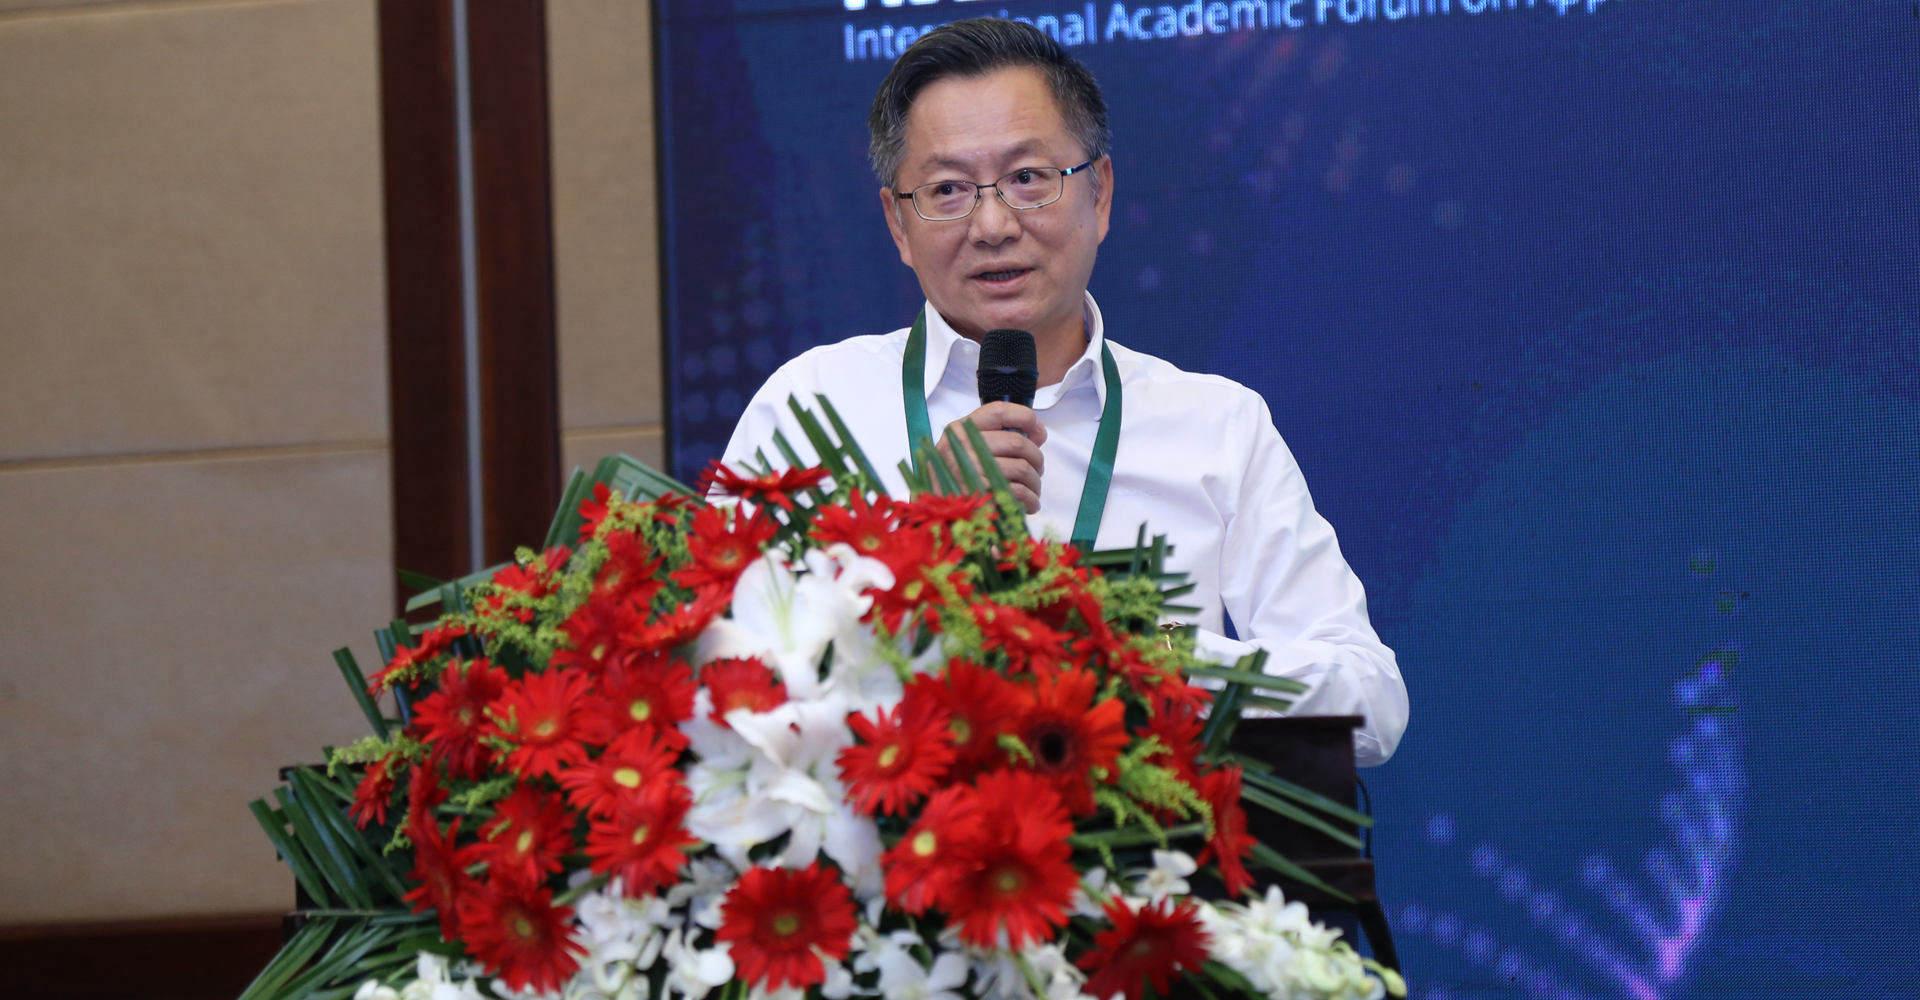 国际食品科学院院士、深圳大学高等研究院院长陈峰教授发表报告